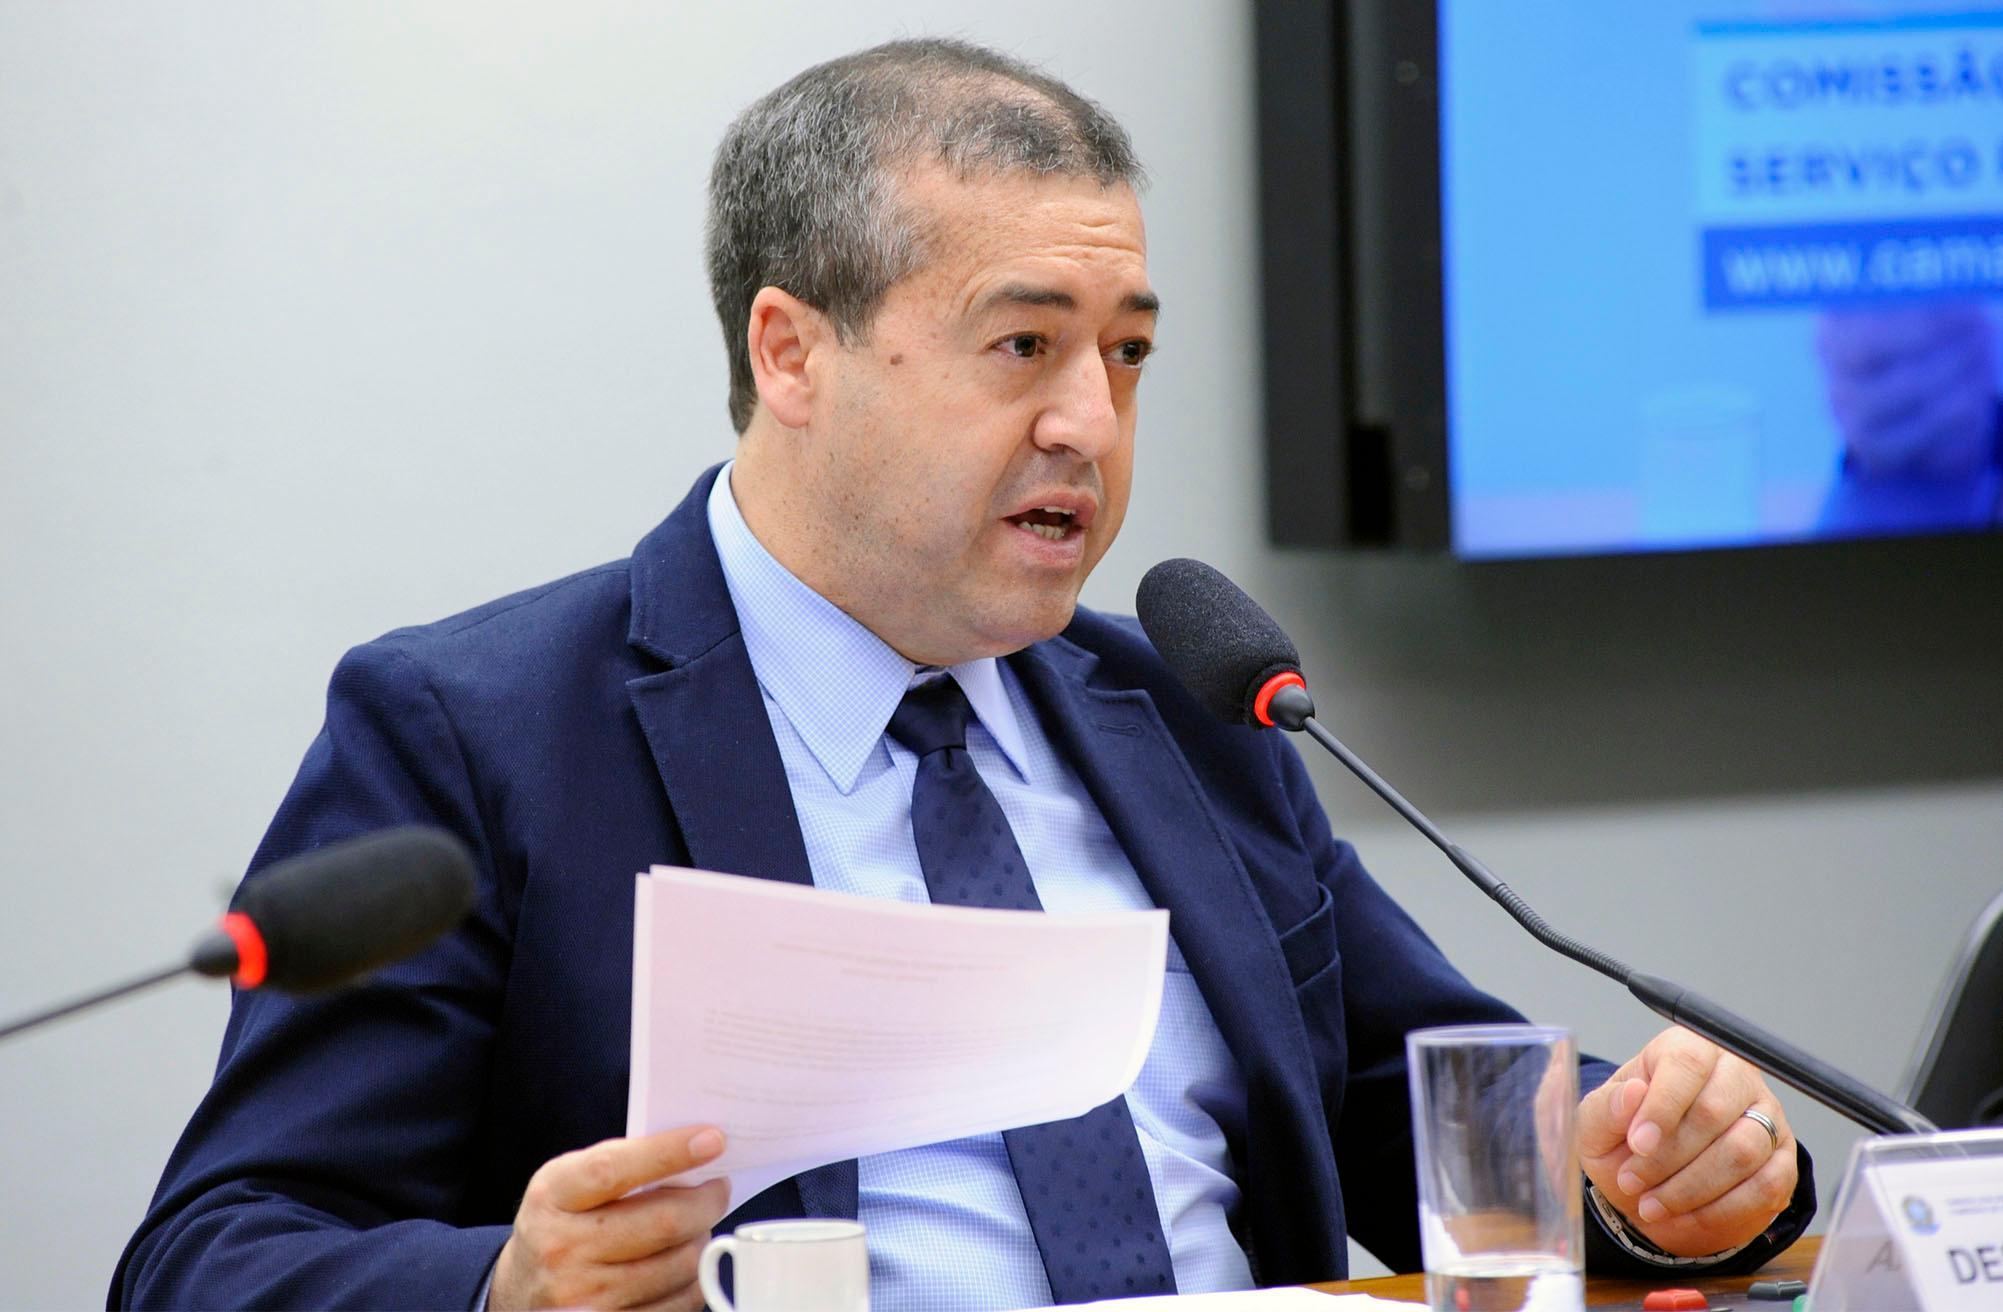 Ciclo de Debates para discutir a proposta de Consolidação das normas e leis relativas à Administração Pública Federal. Dep. Ronaldo Nogueira (PTB - RS)